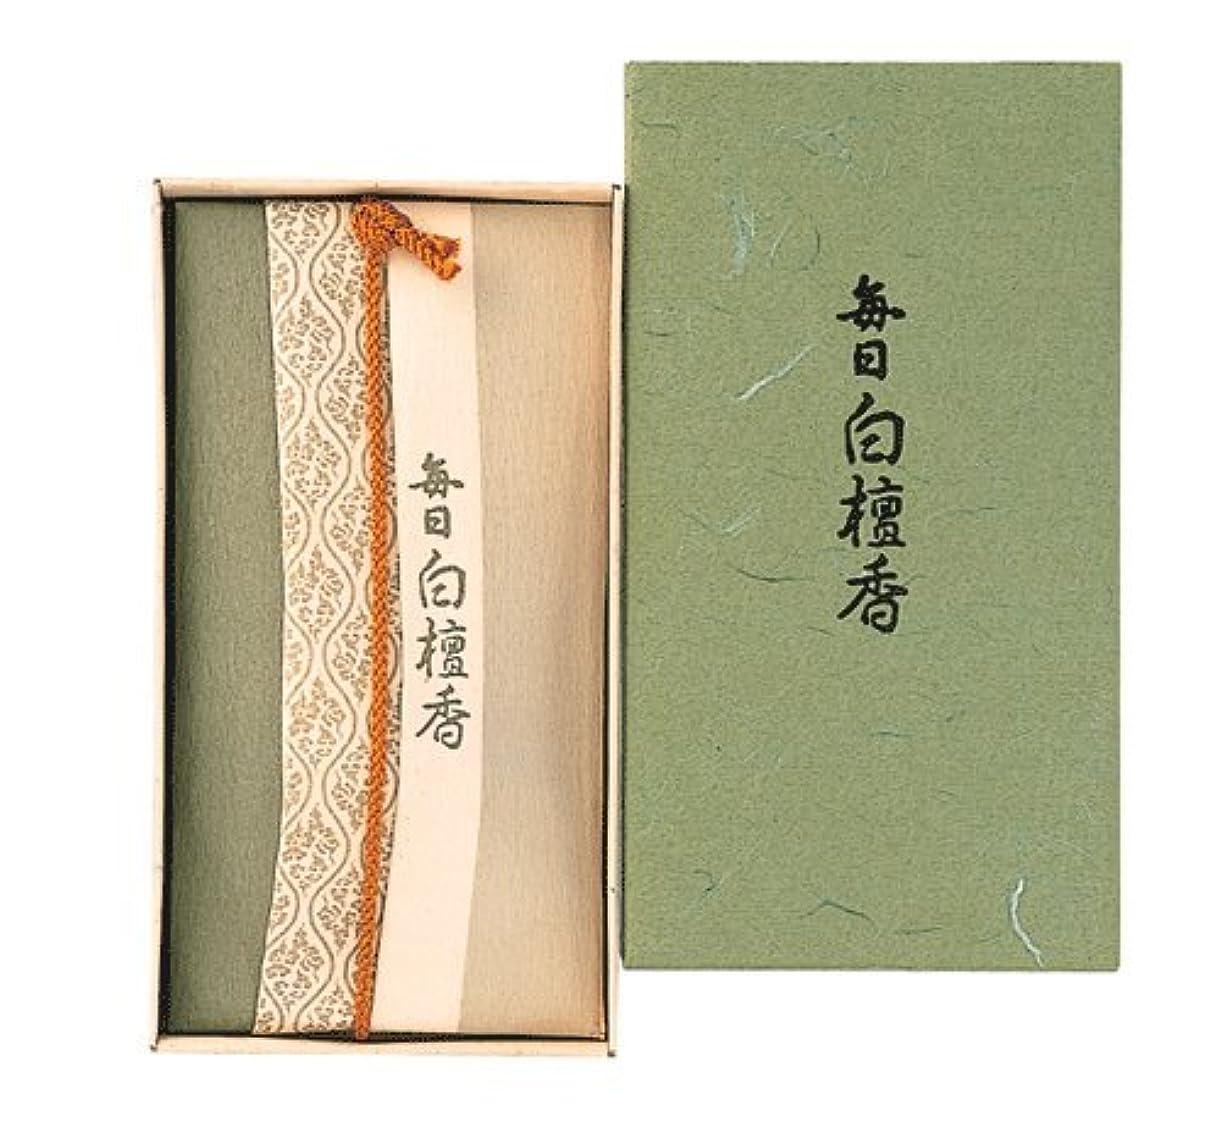 君主伝染性緊張する香木の香りのお香 毎日白檀香 コーン24個入【お香】